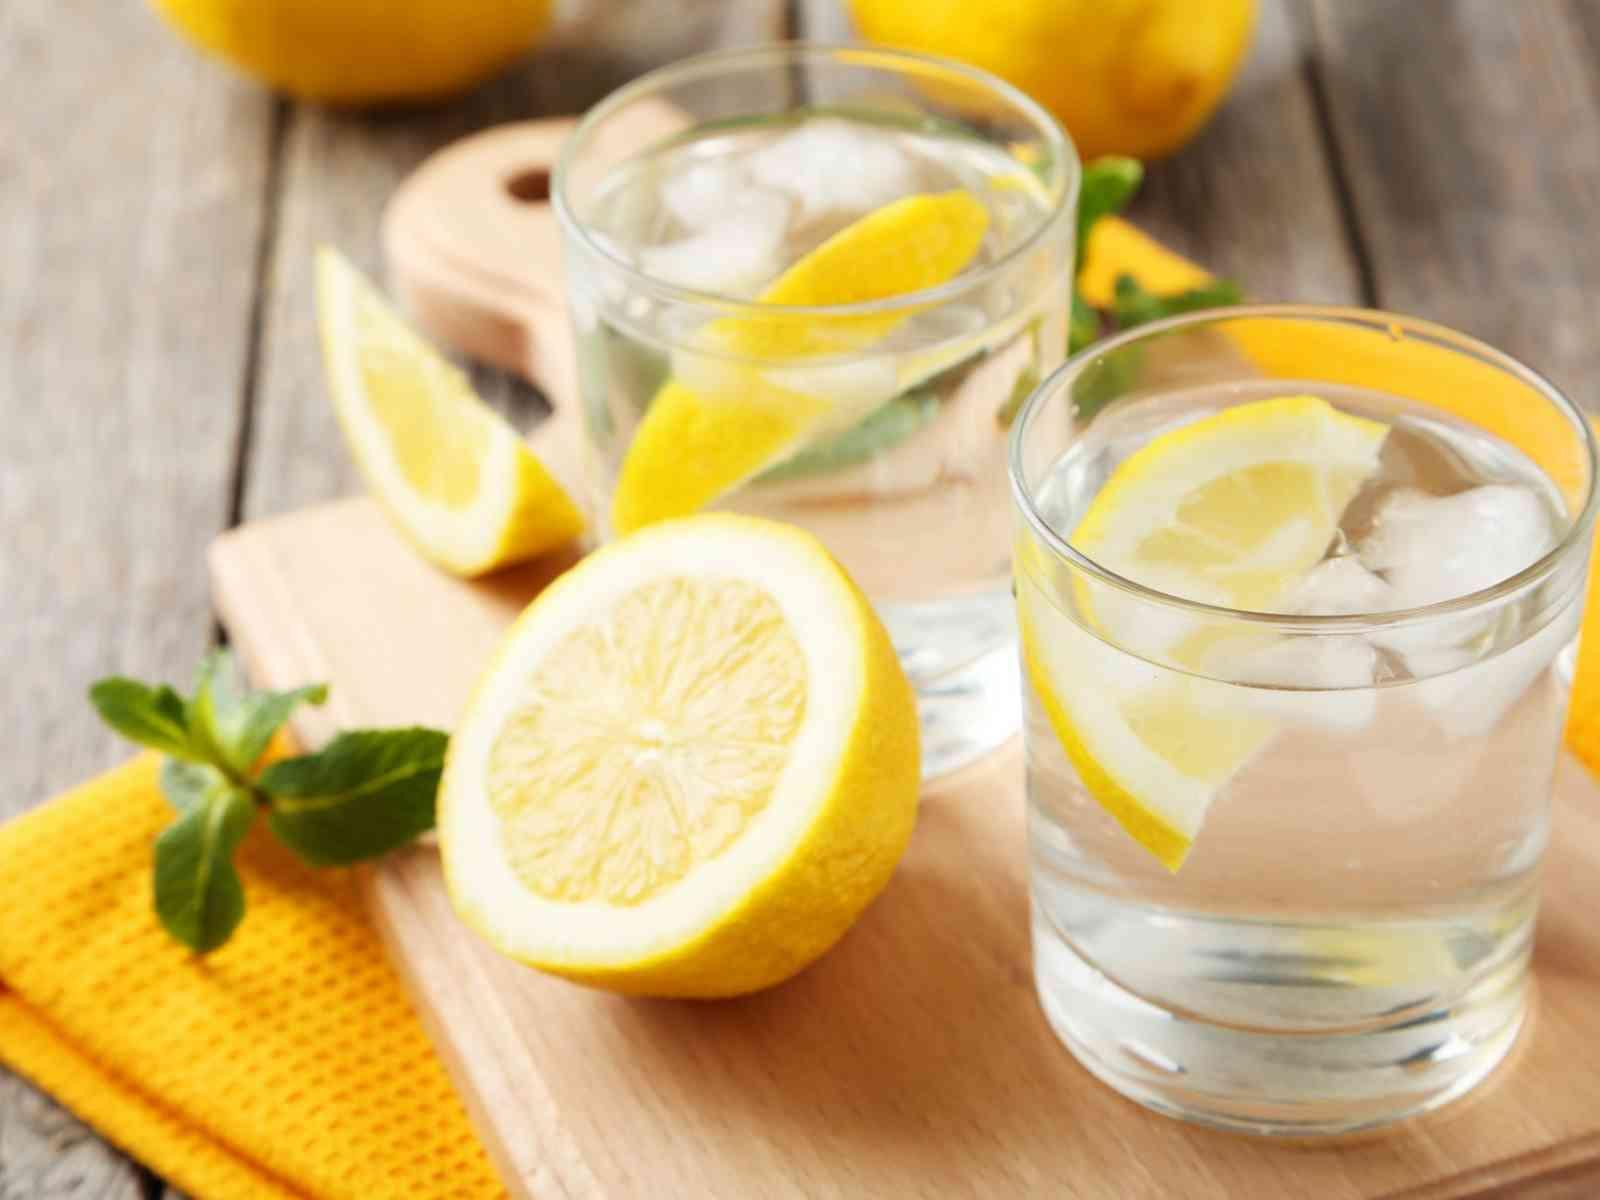 Immagine articolo: Le proprietà dei limoni tra calorie e valori nutrizionali. Ecco perchè fanno bene alla salute